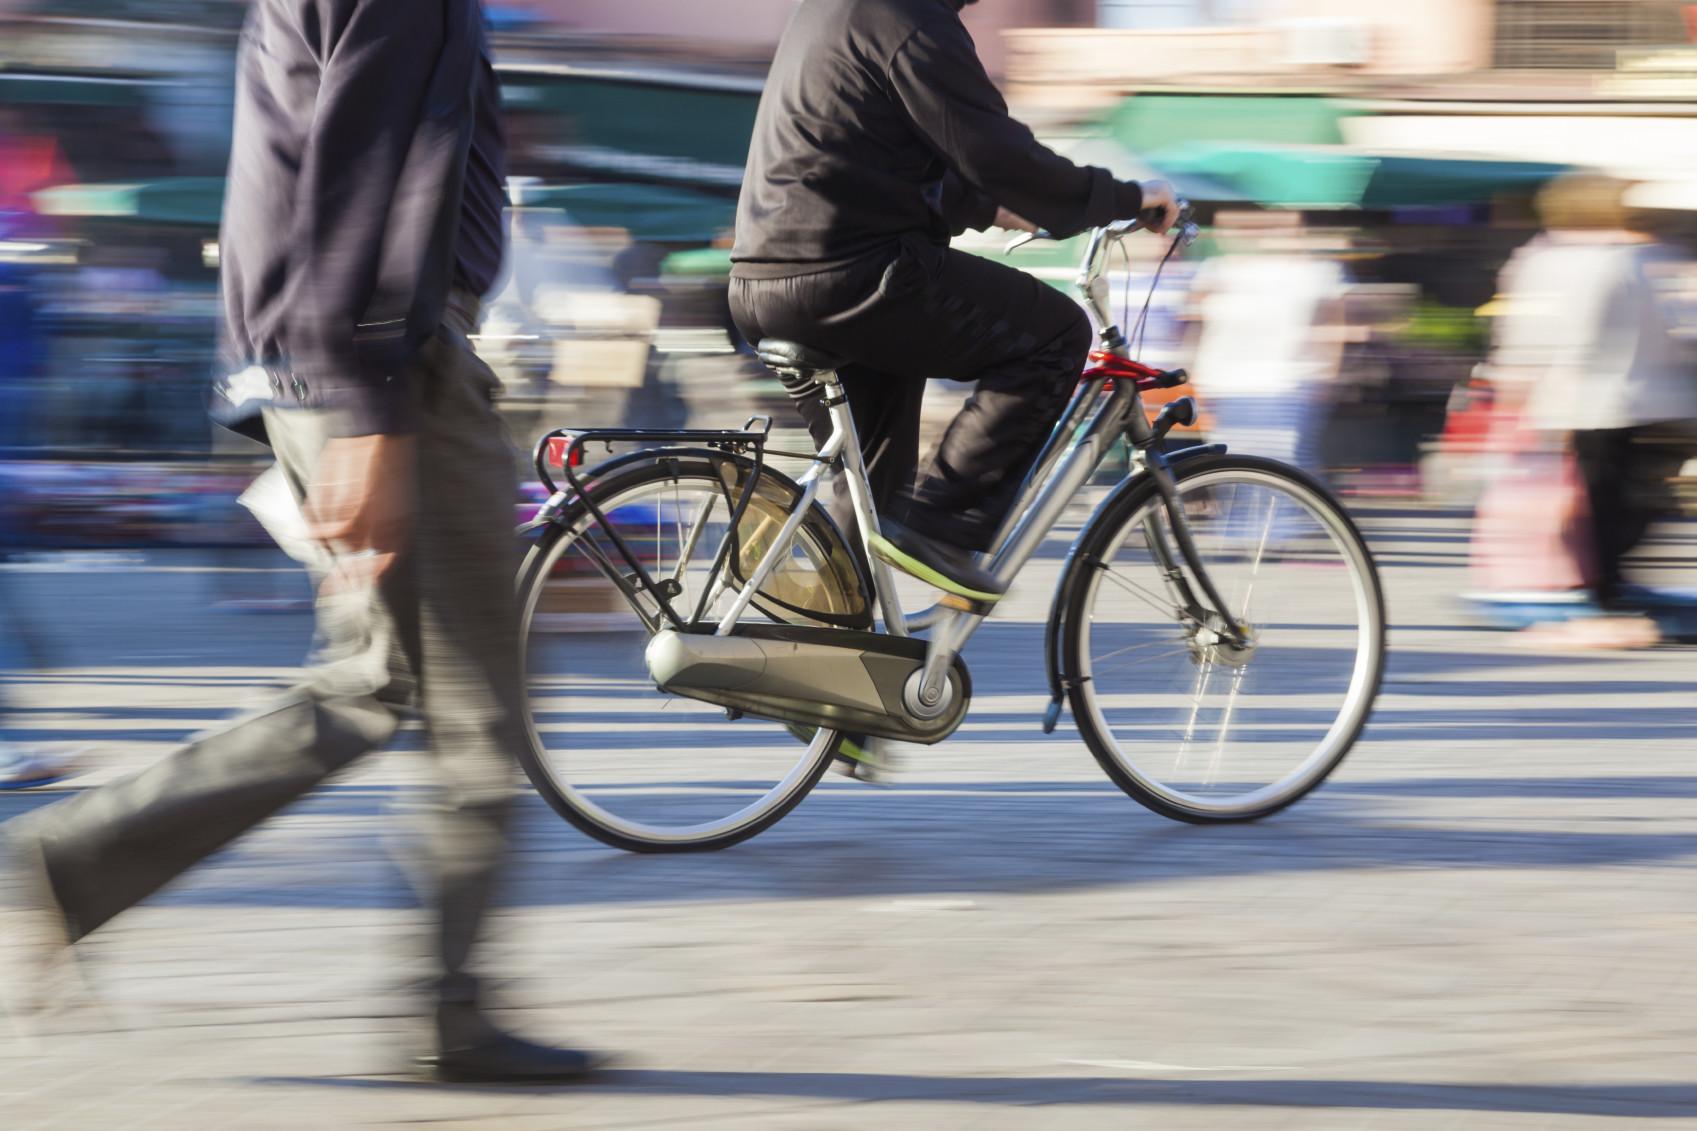 Así es la difícil convivencia entre peatones y ciclistas en una ciudad